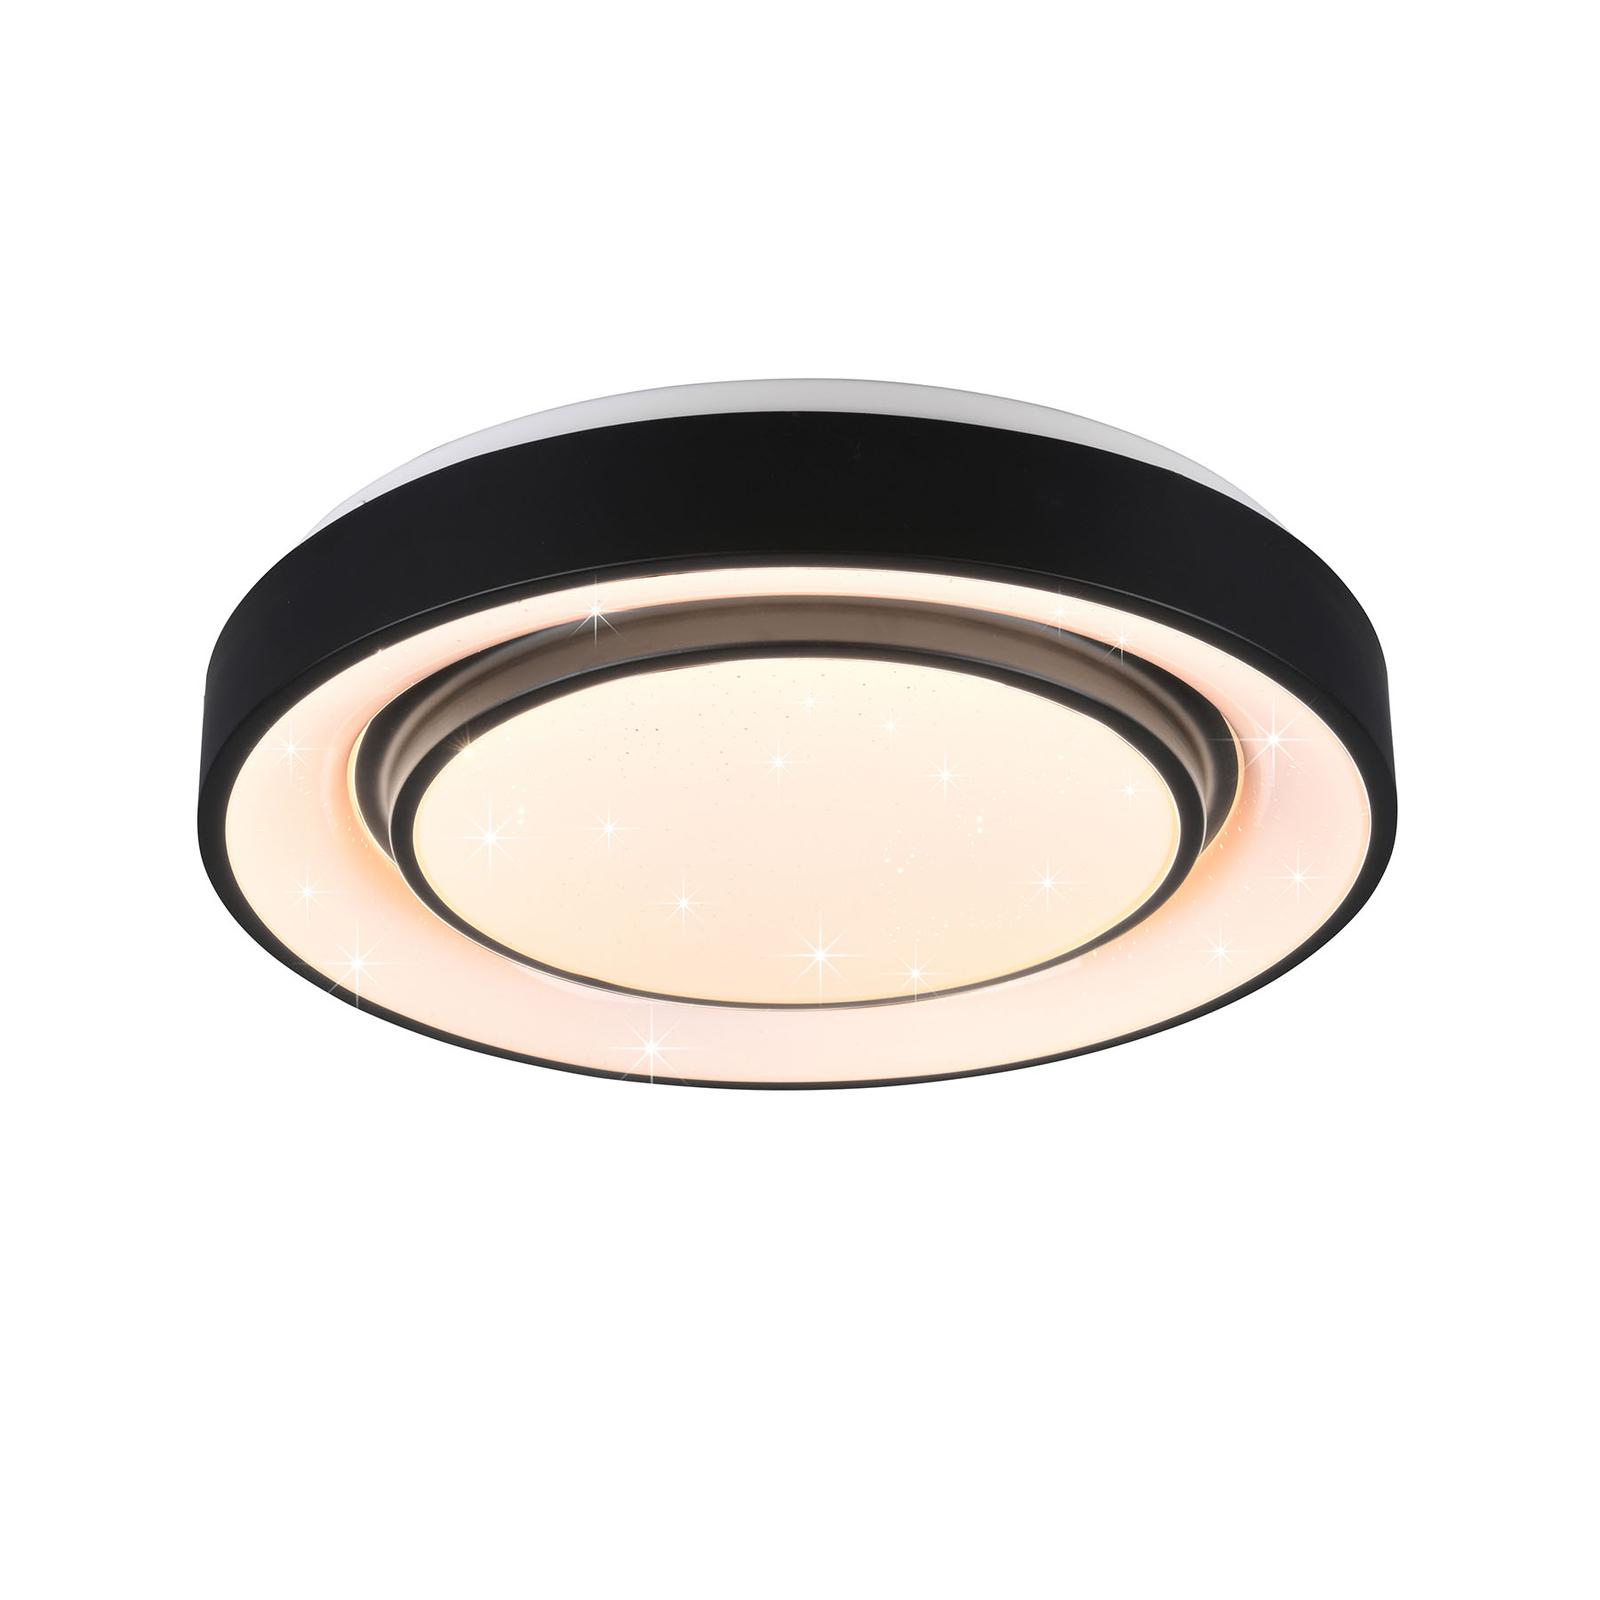 Lampa sufitowa LED Mona, WiZ, RGBW, ściemniana